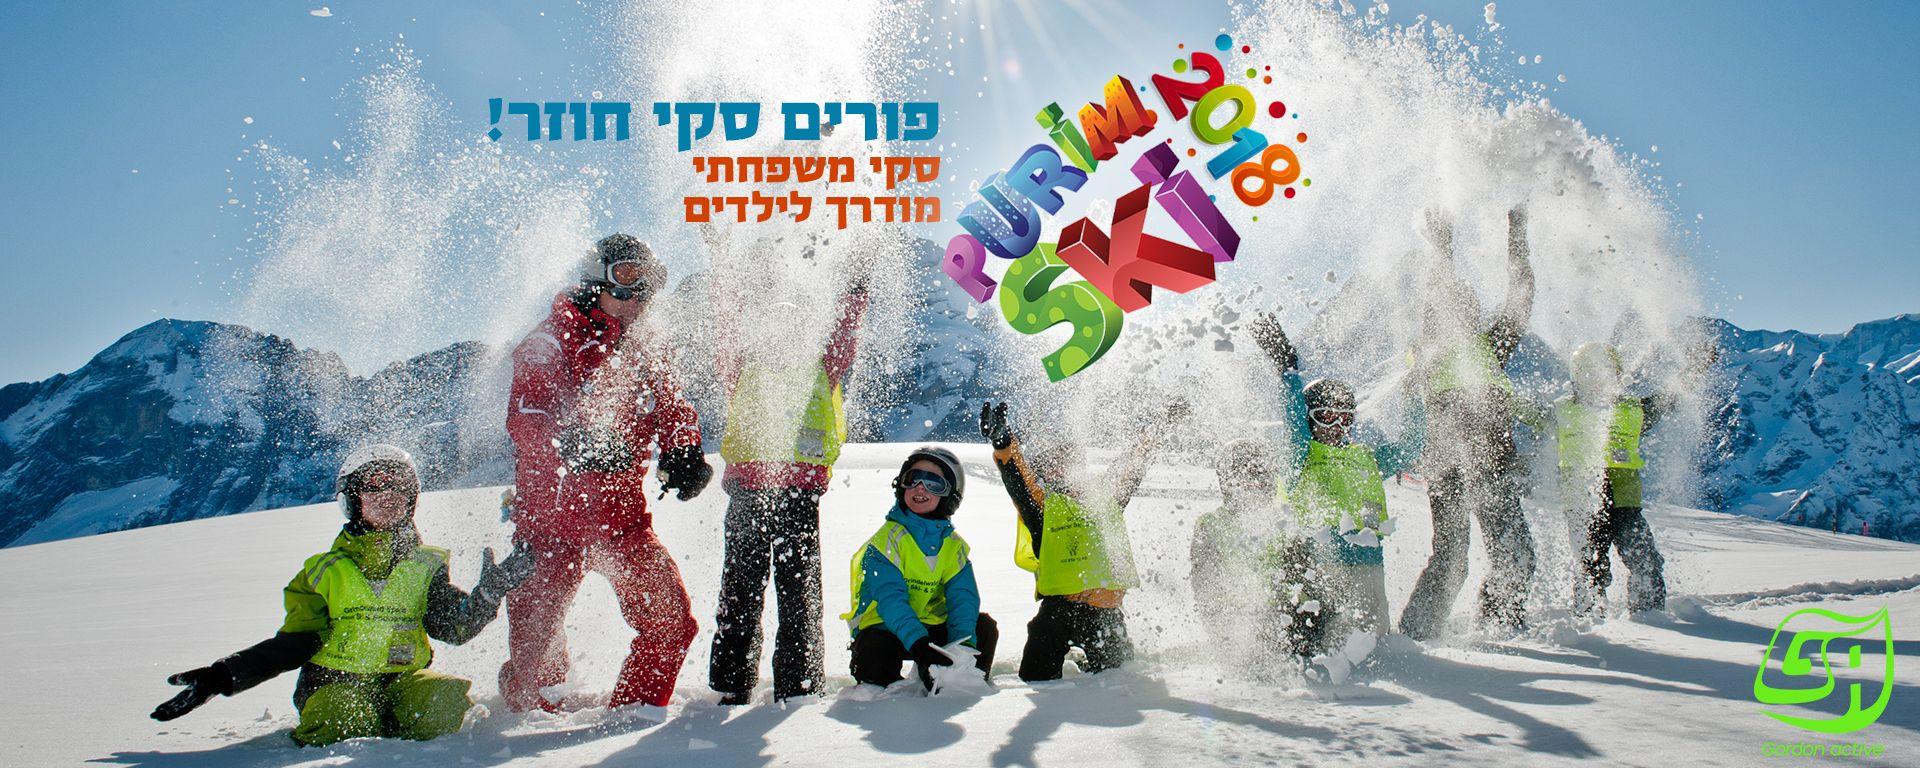 סקי פורים בווילאר בשוויץ בהדרכה בעברית